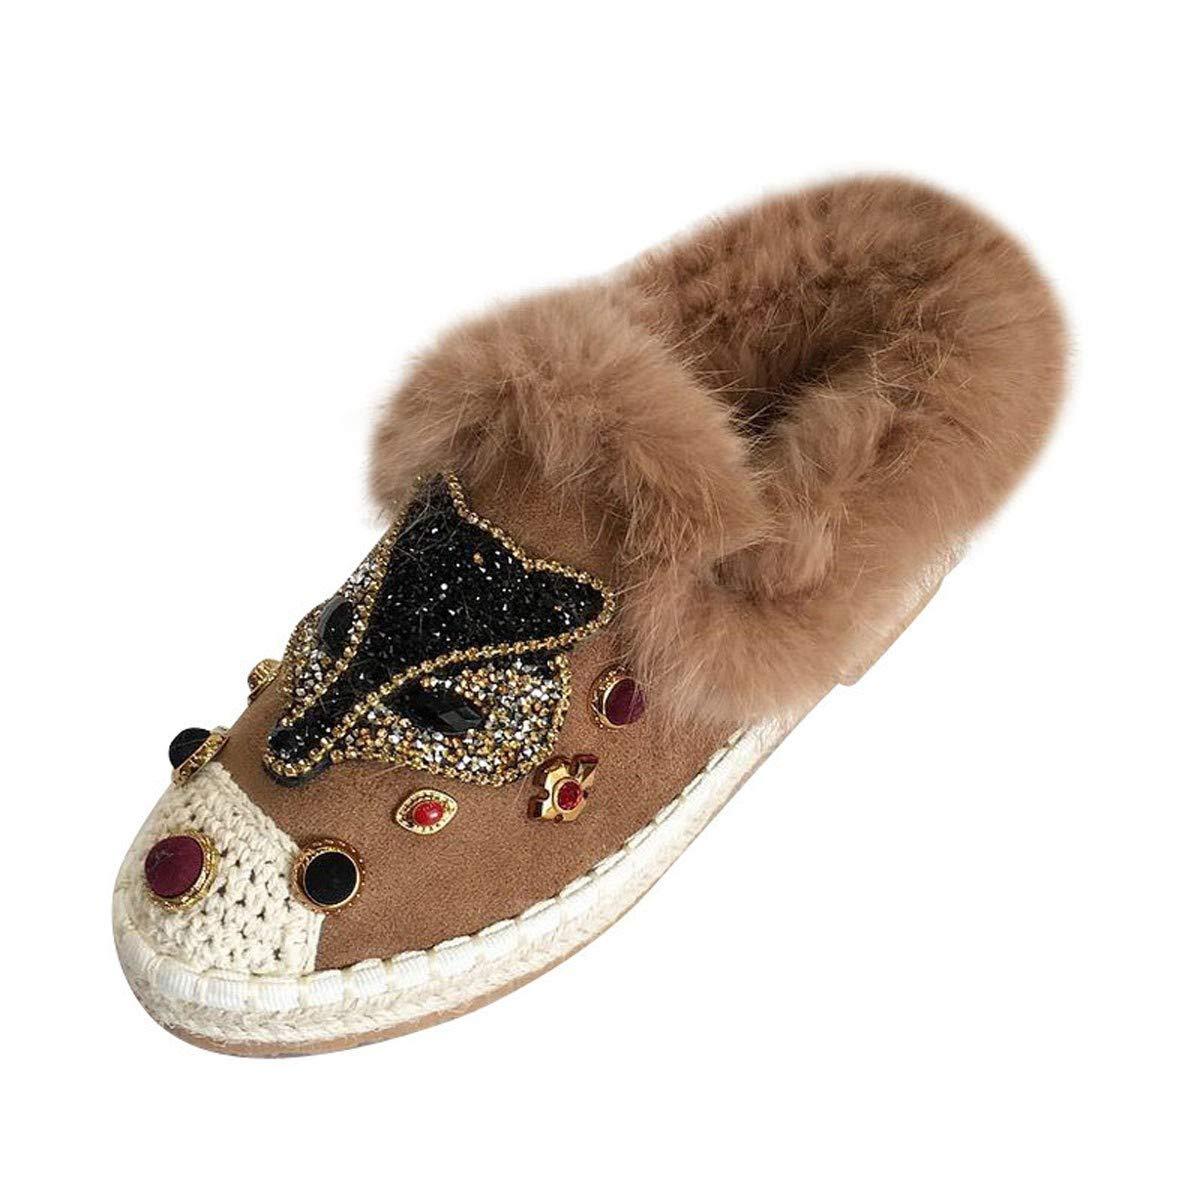 HBDLH Damenschuhe/Flache Sohle Schuhe Herbst Und Winter Baitie Faul Schuhe Flachen Sohle Schuhe Müller - Schuhe Hanf Seil Fischer Schuhe Frauen